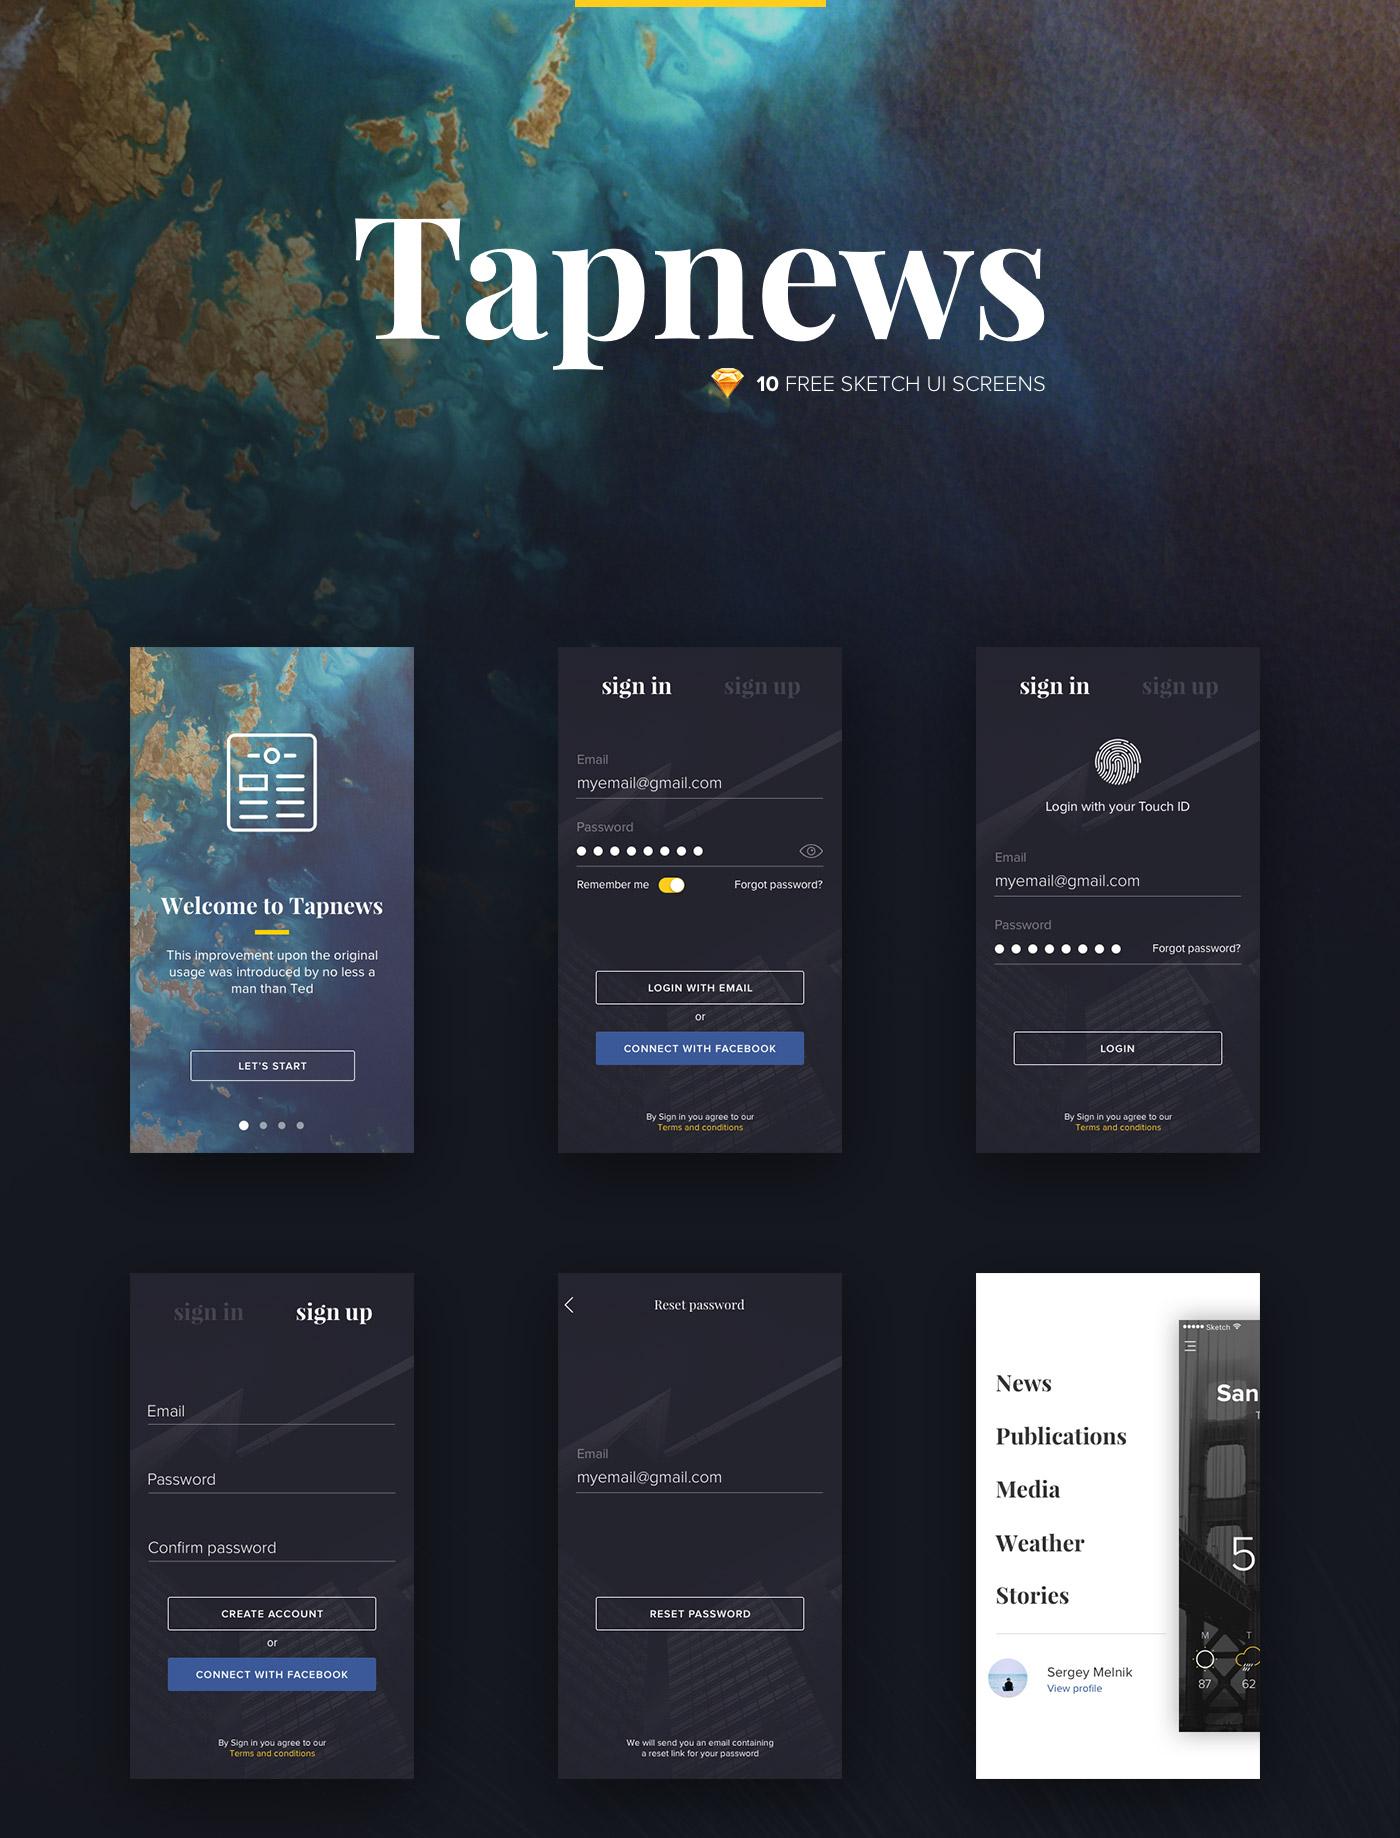 Tapnews - 10 UI Screens for Sketch